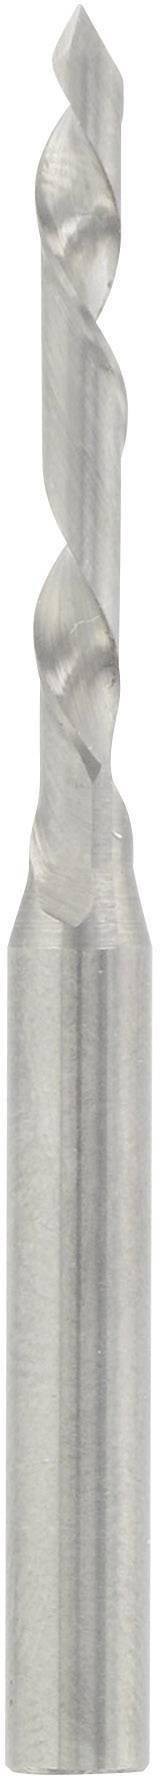 Víceúčelový nástroj Ø 3,2 mm,Dremel TR563, Ø hřídele 4,8mm